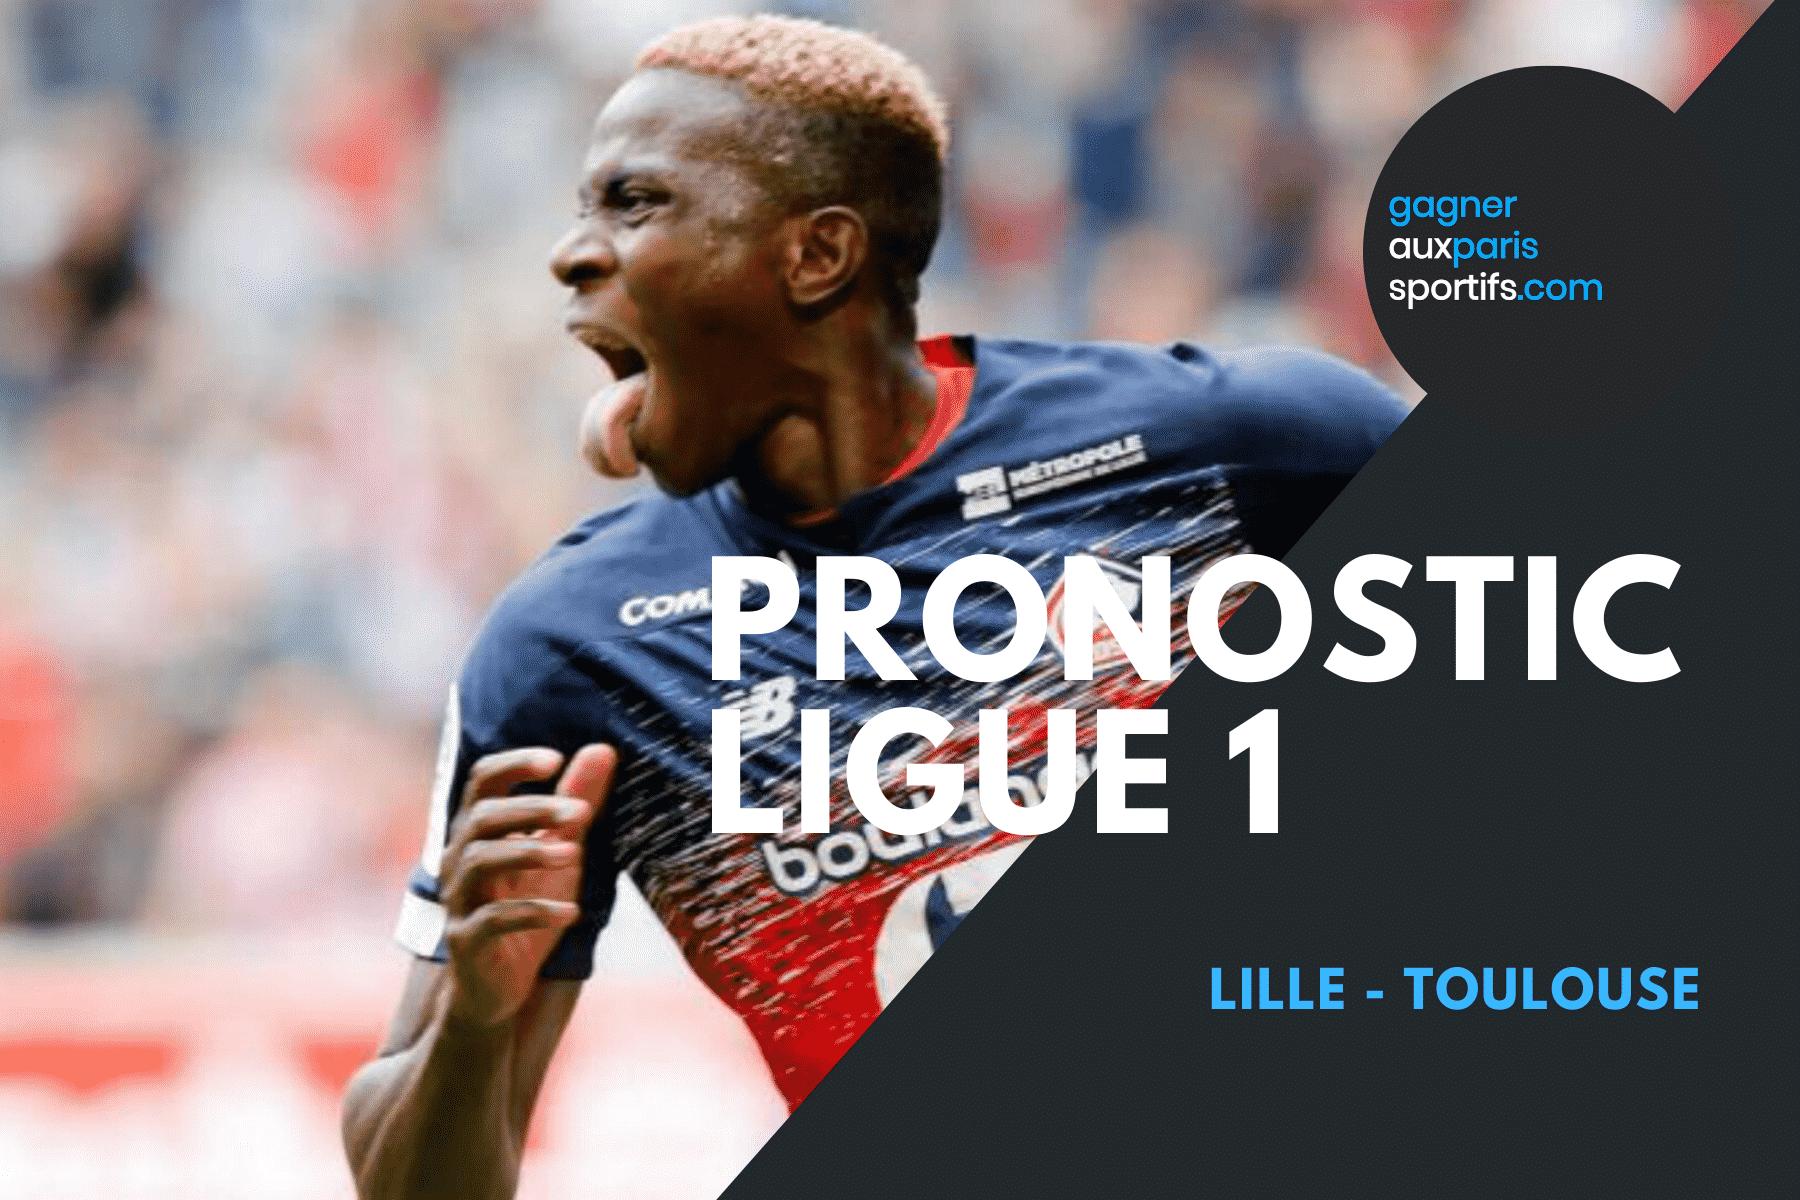 PRONOSTIC Lille - Toulouse Ligue 1